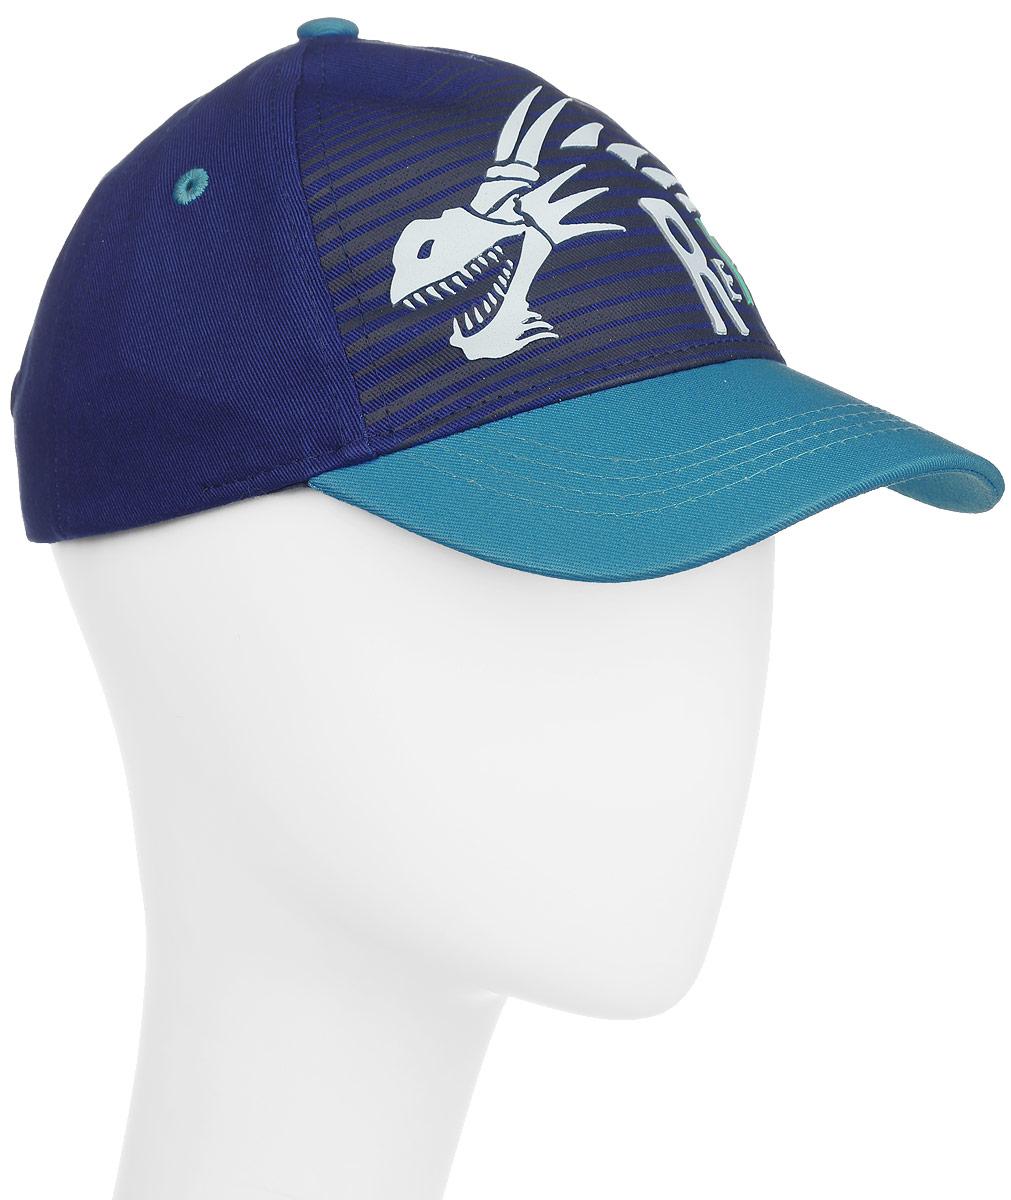 Бейсболка для мальчика Reike Драконы, цвет: синий. RWSS17-DRG1. Размер 50RWSS17-DRG1_blueБейсболка для мальчика Reike Драконы, изготовленная из натурального хлопка, станет стильным аксессуаром во время прогулок и игр на свежем воздухе, защищая голову ребенка от солнца. Бейсболка оформлена принтом в стиле серии и застегивается на ремешок с липучкой, позволяющей регулировать размер.Уважаемые клиенты!Размер, доступный для заказа, является обхватом головы.